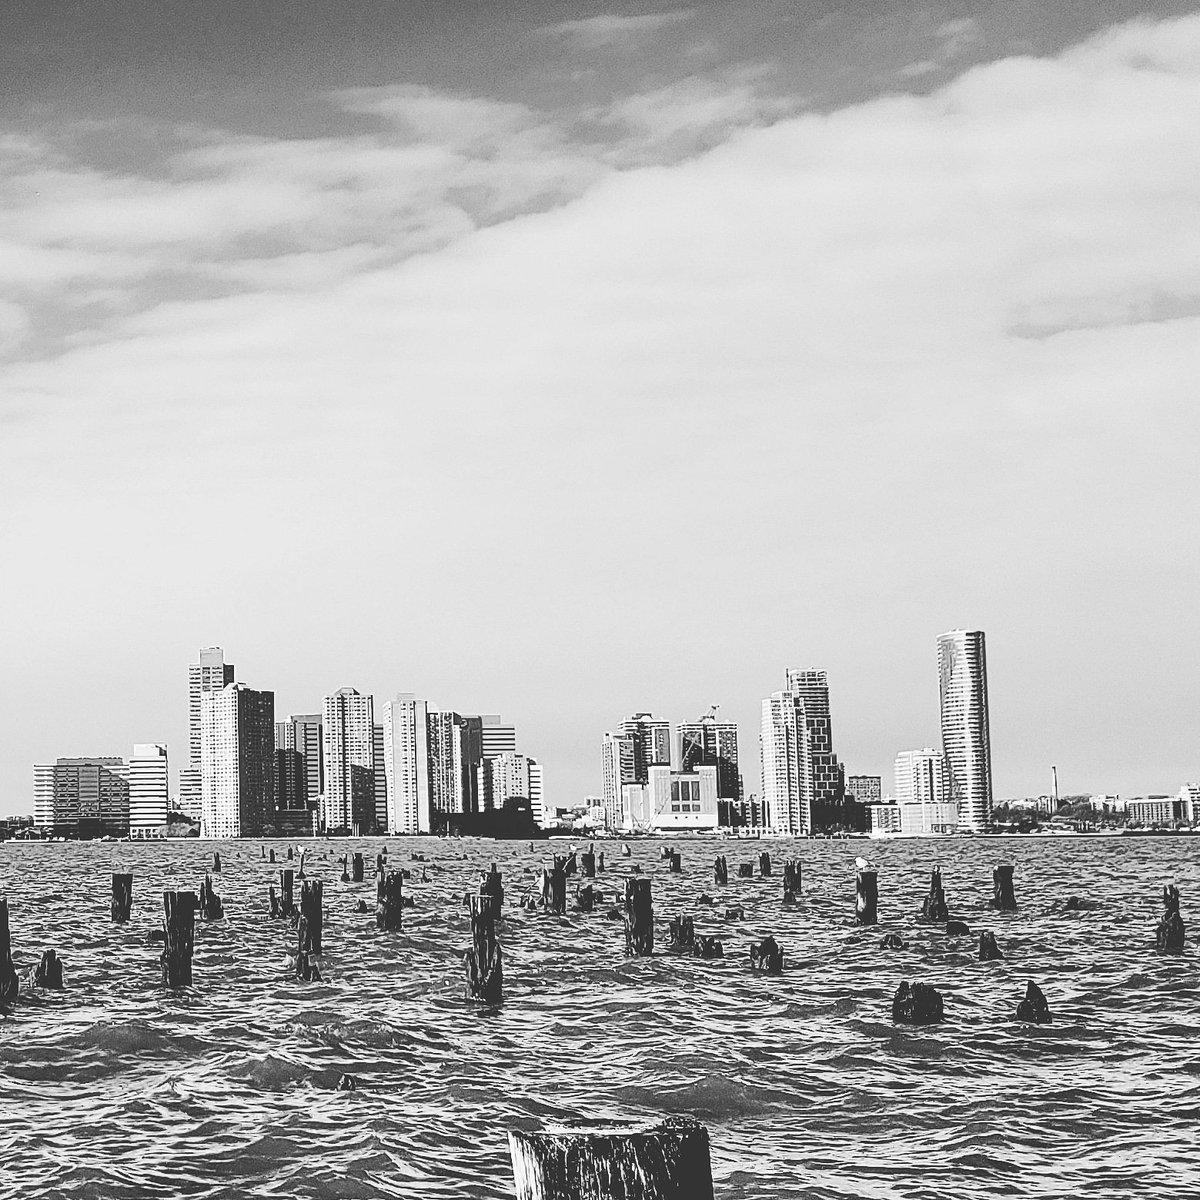 #picscels #newyork #ny #nyc #newark #jerseycity #upperbay #blackandwhite #running #tagforfollows #tagsforlikes